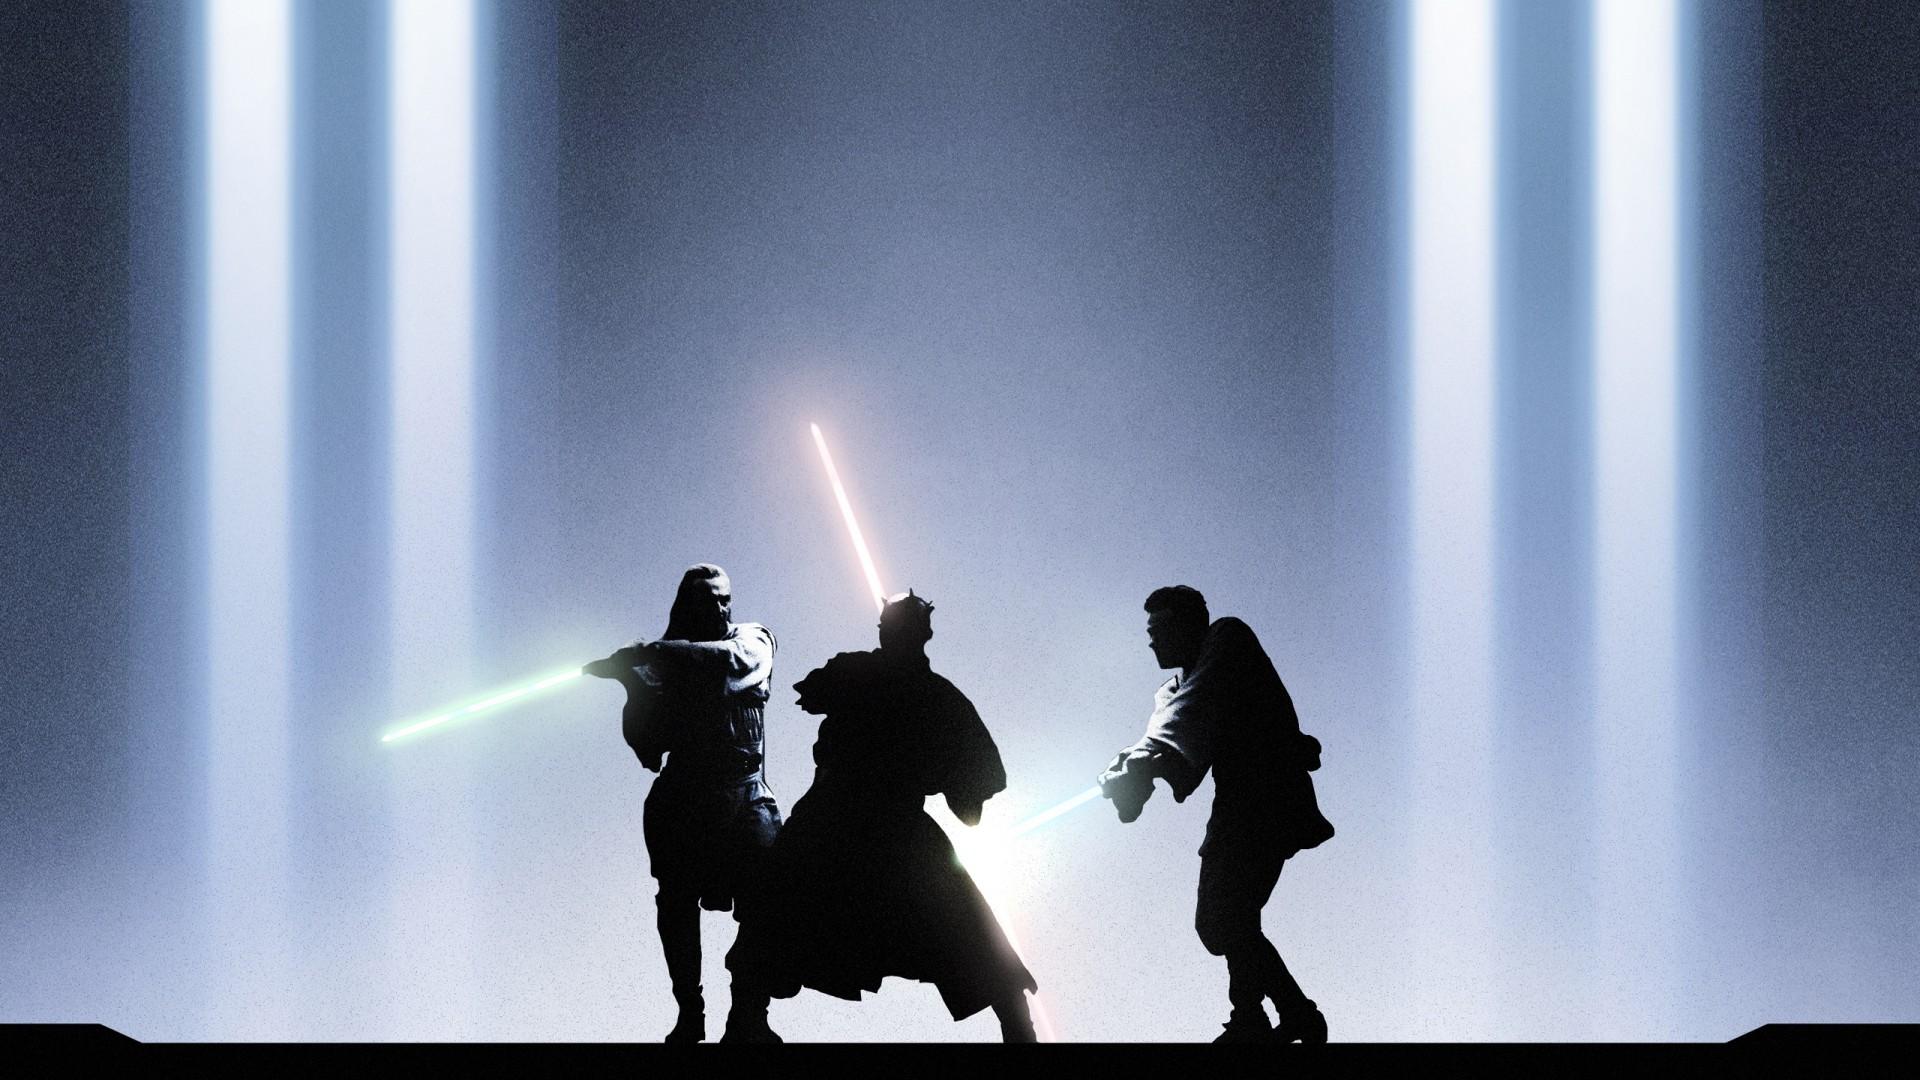 Bb 8 Cute Wallpaper Star Wars Obi Wan Qui Gon Darth Maul Wallpapers Hd